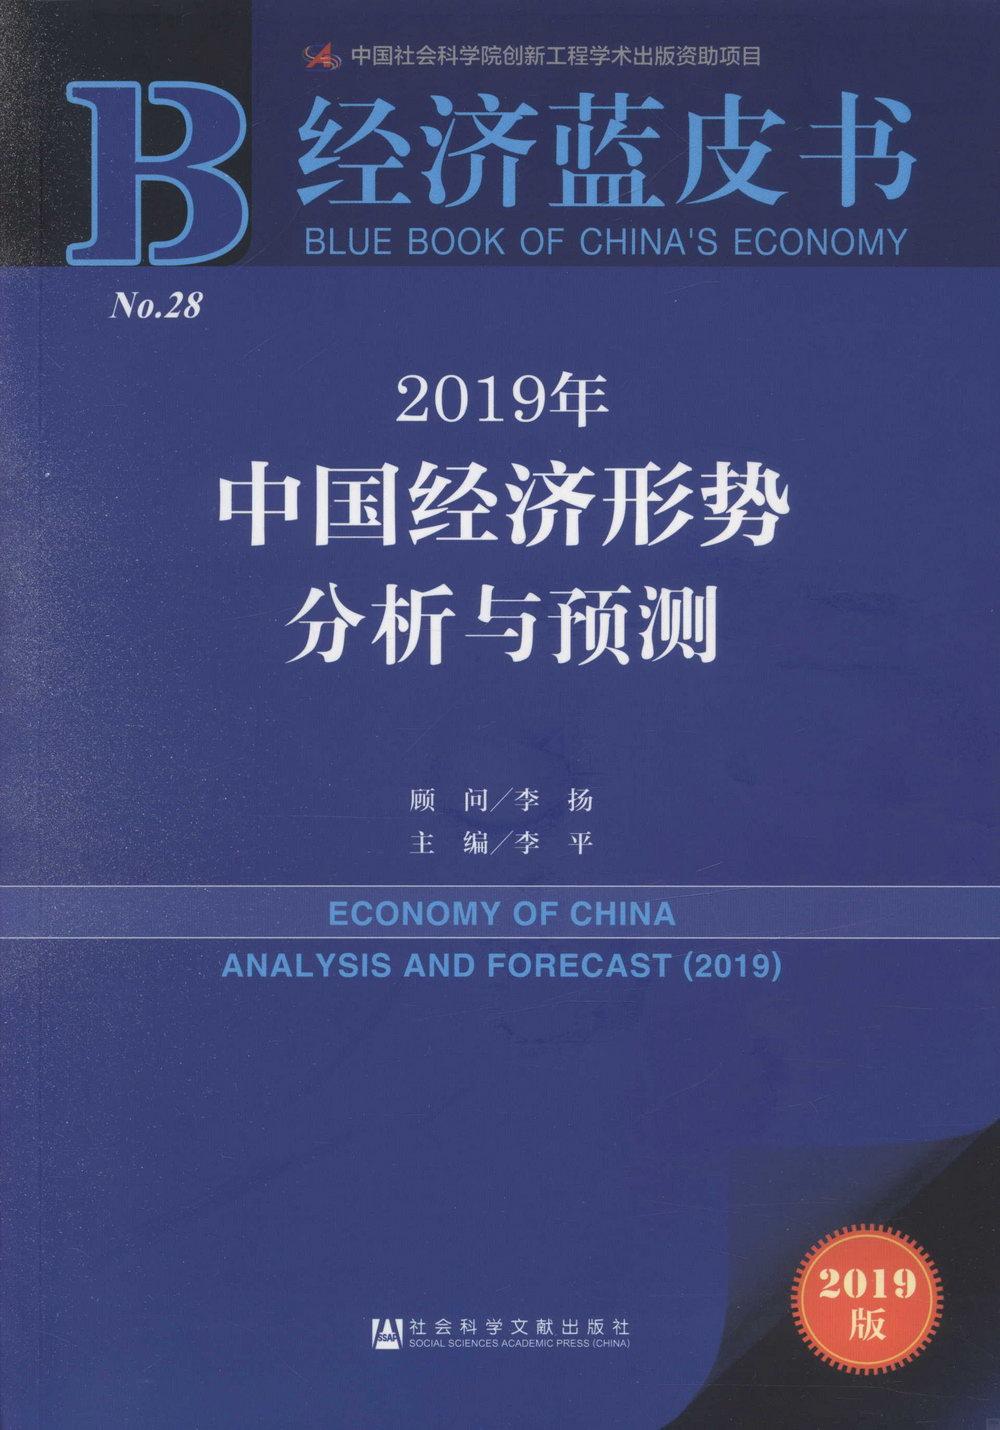 2019年中國經濟形勢分析與預測